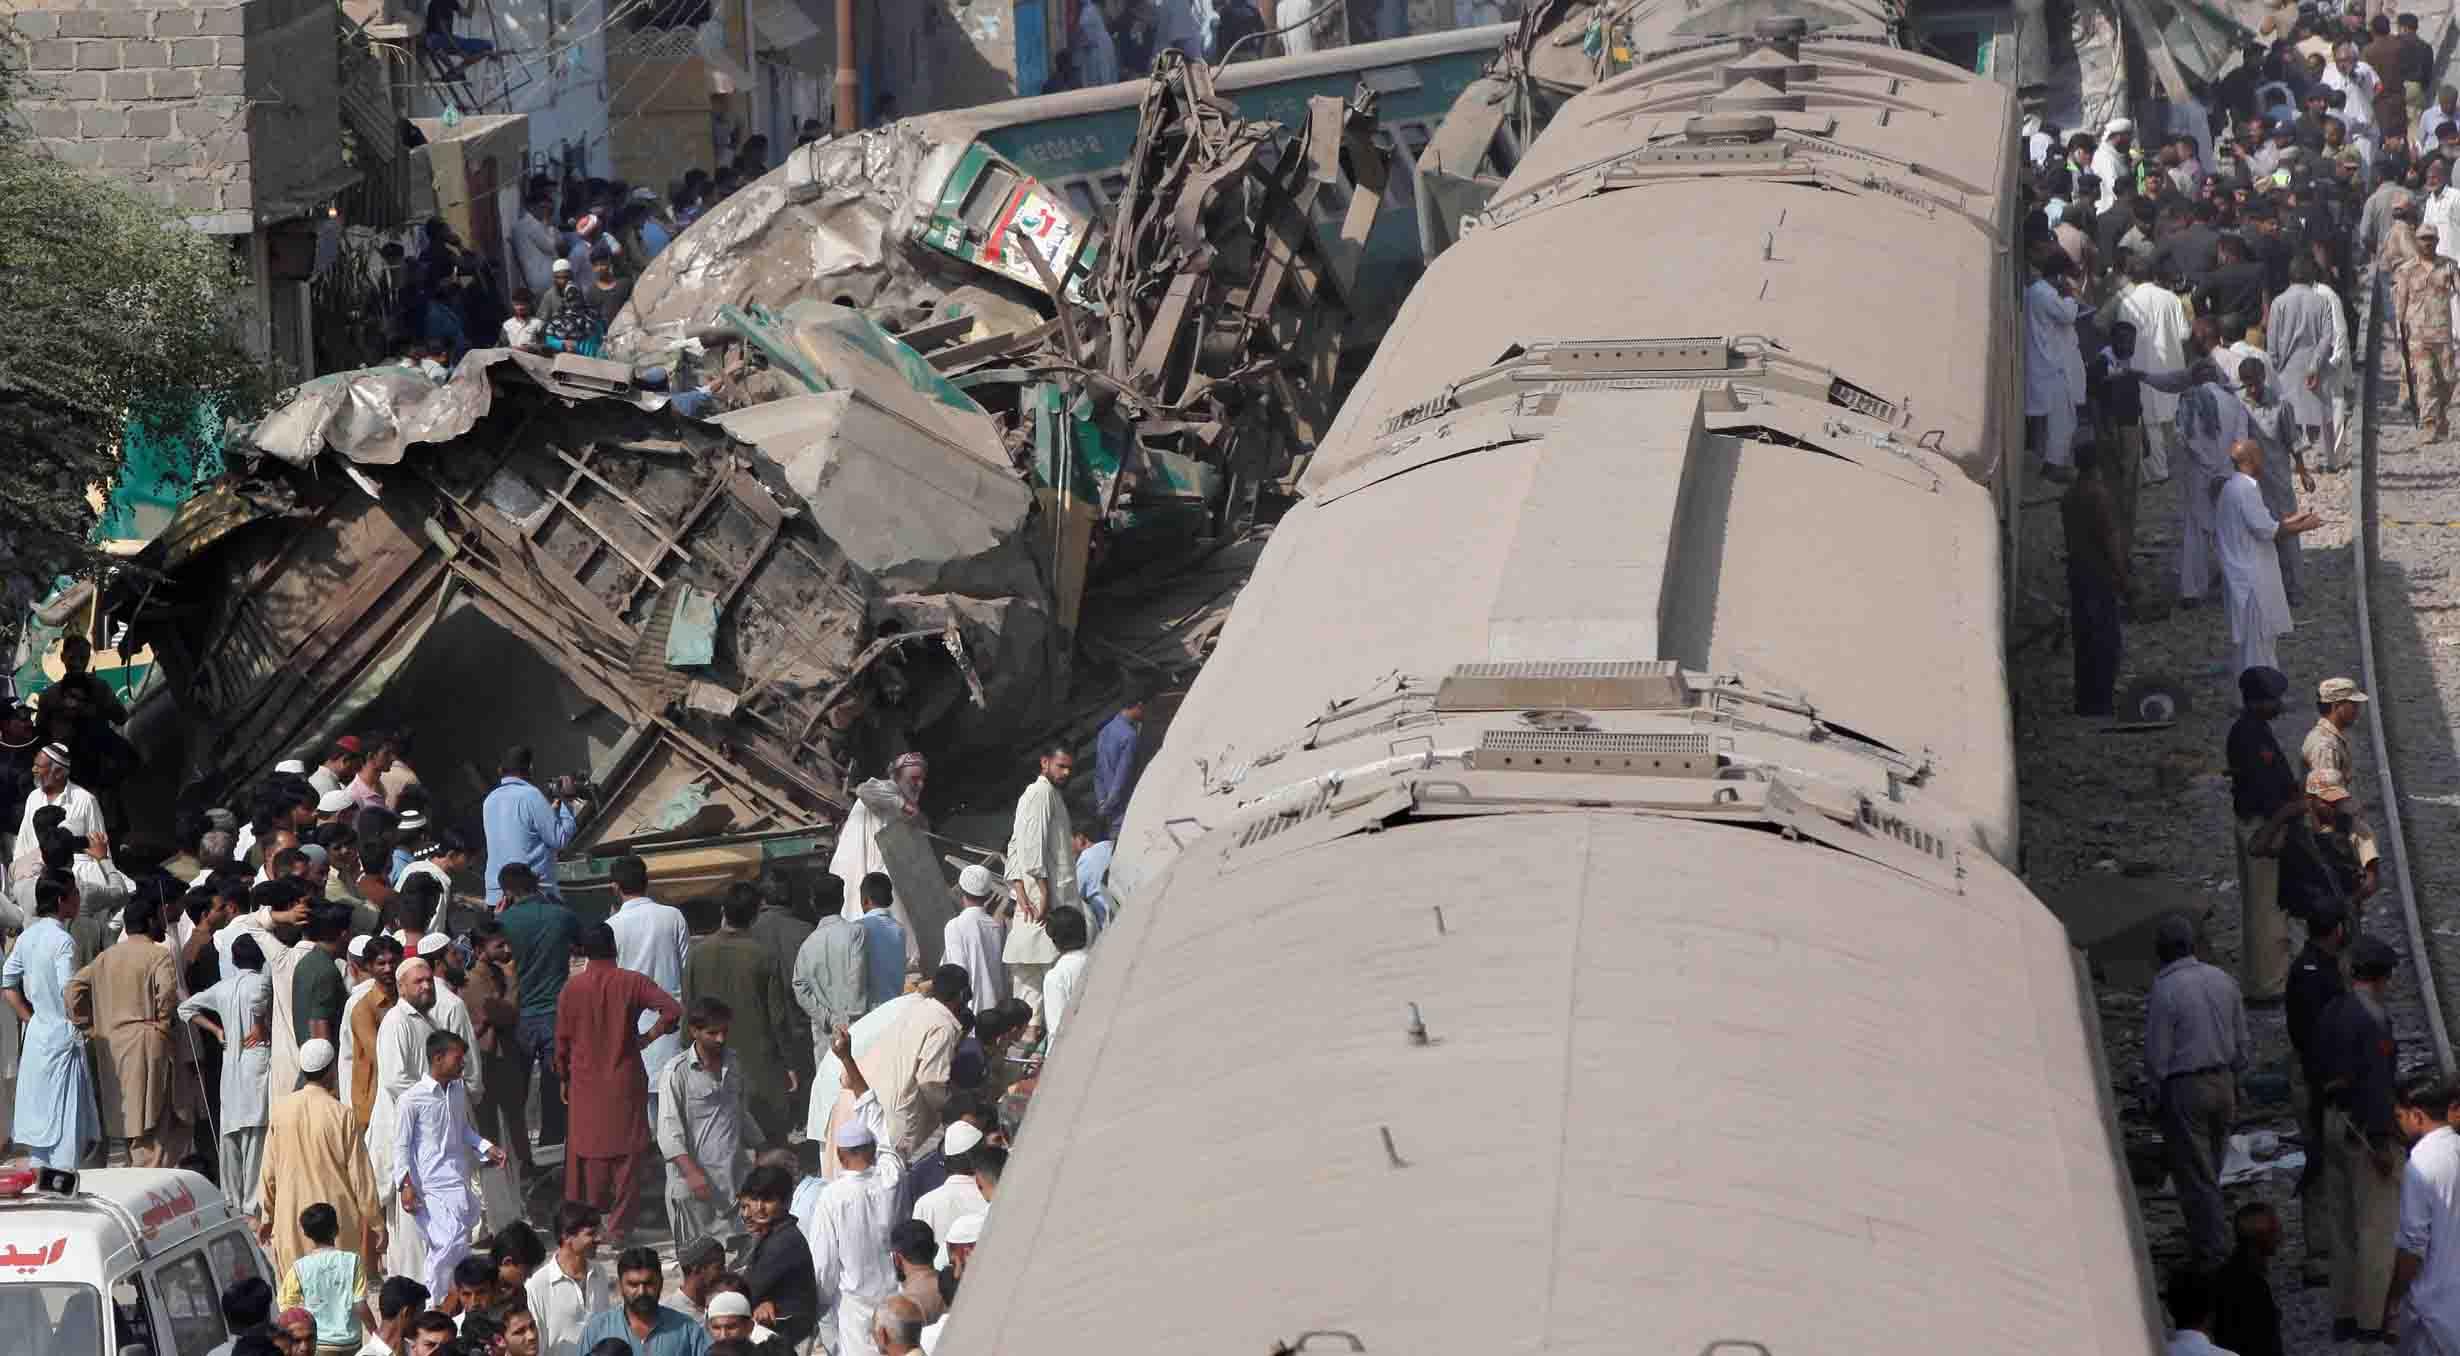 El accidente registrado en Pakistán dejó al menos 60 personas heridas debido a la colisión de un tren en movimiento con uno detenido